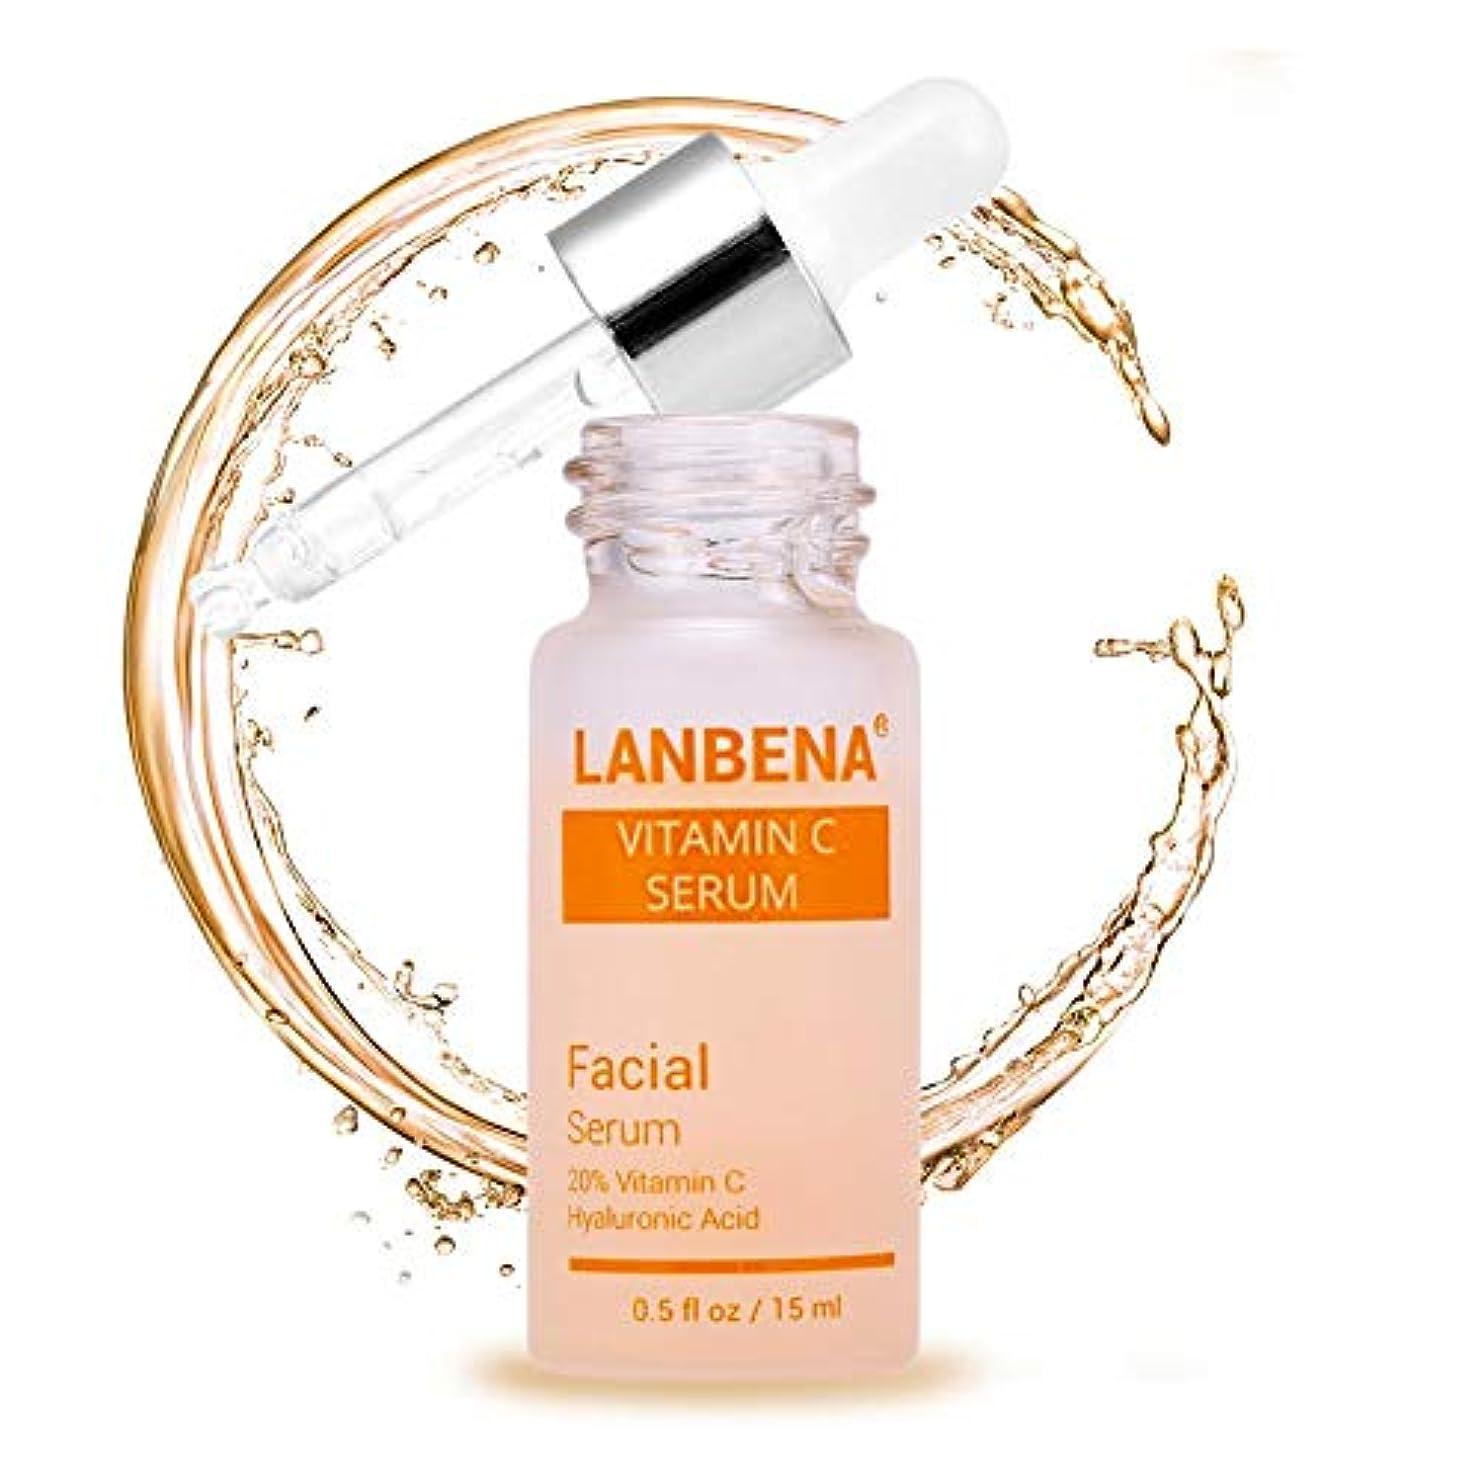 親密な慢なチャーターSemmeのビタミンCの顔の血清は女性のための保湿の本質の反肌のリラクゼーション及び反しわのクリームを白くすることをそばかすを減らすのを助けます